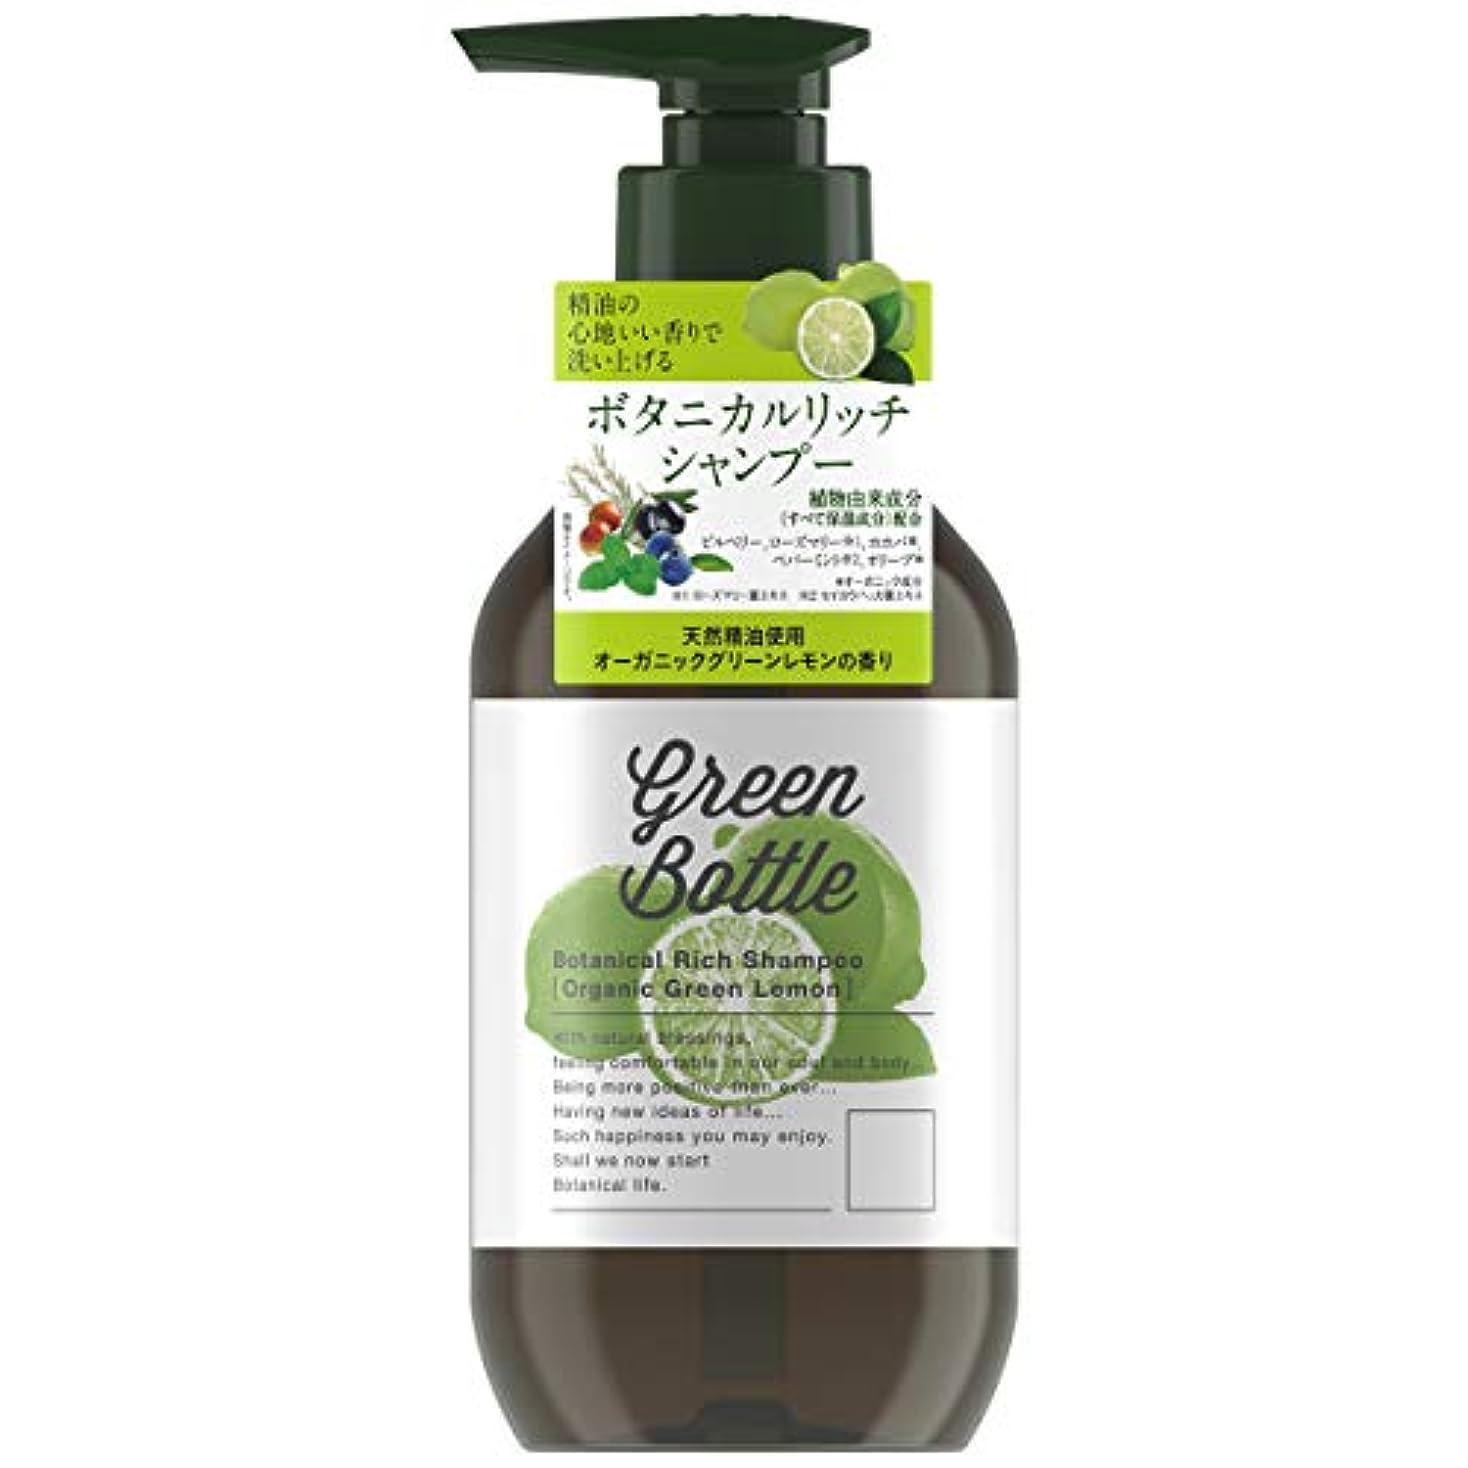 計画キャプテンスポットグリーンボトルボタニカルリッチシャンプー(オーガニックグリーンレモンの香り) 490ml